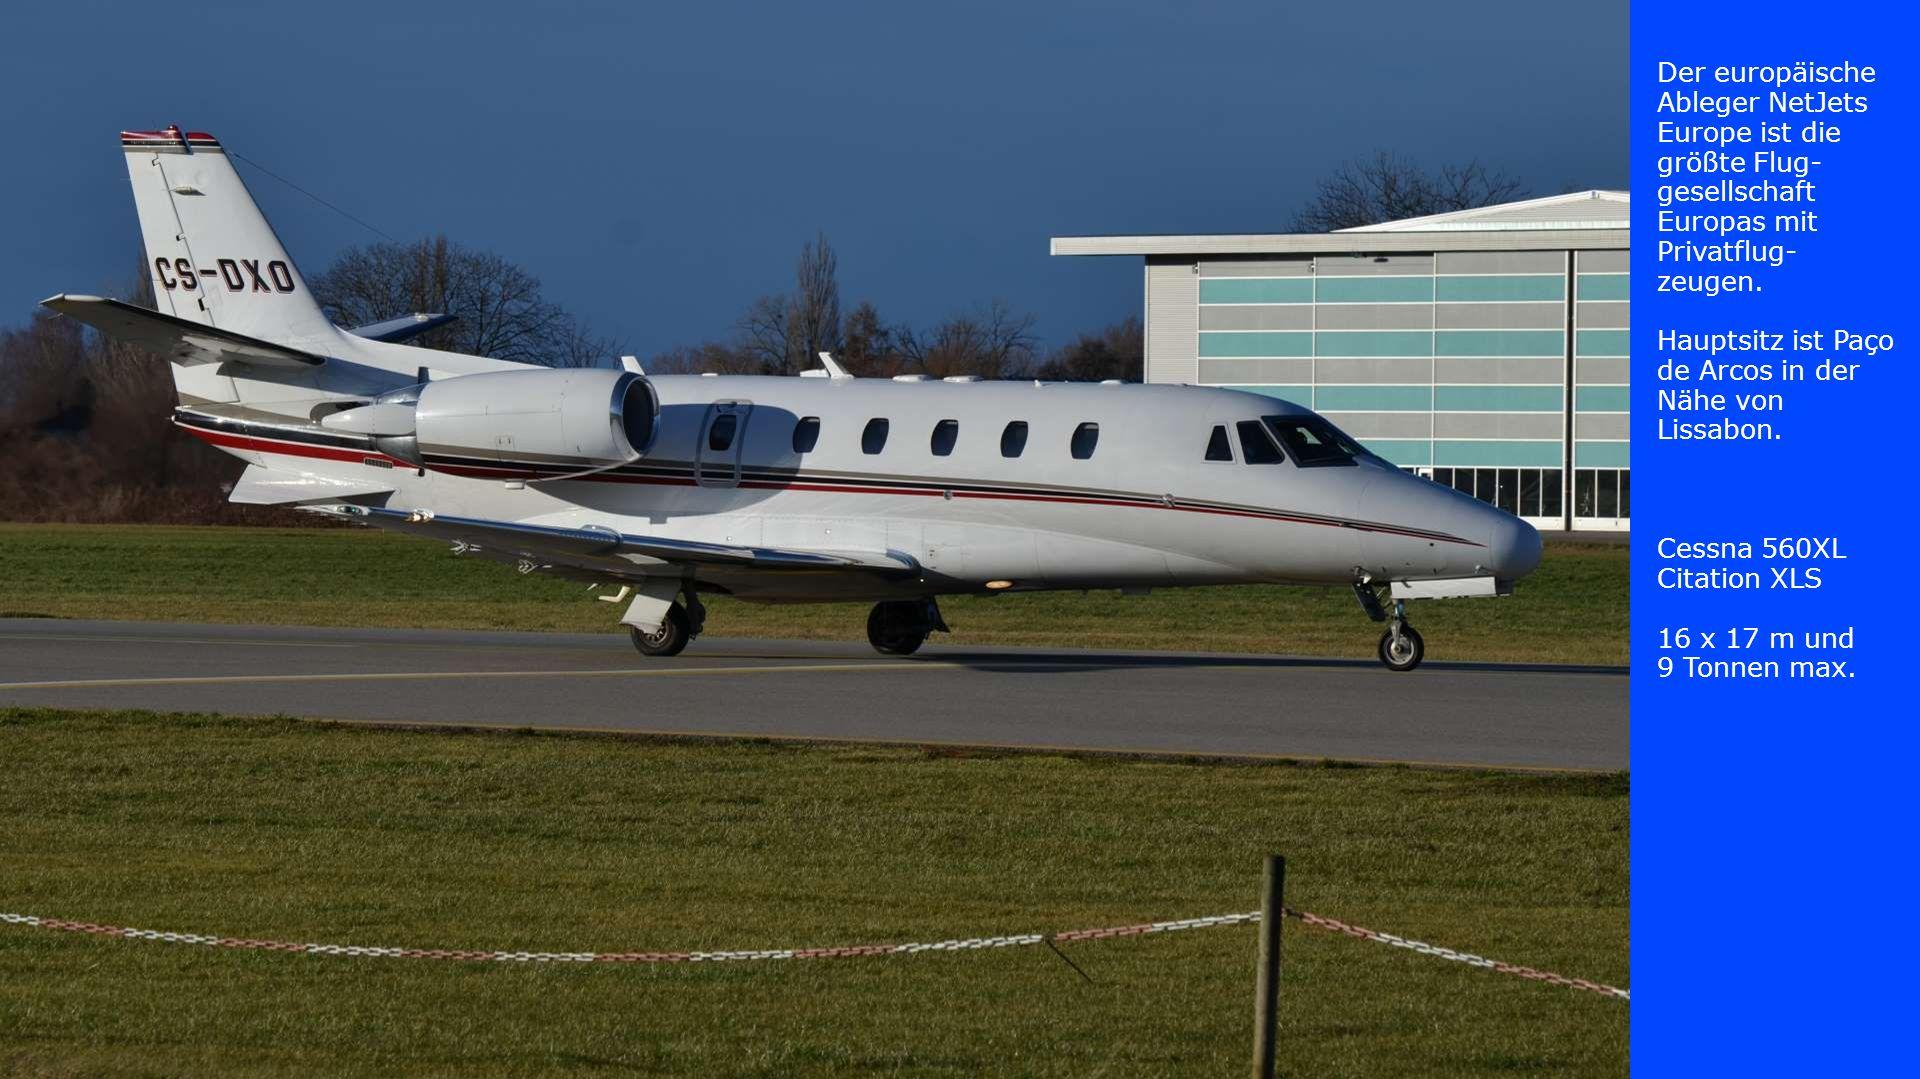 Der europäische Ableger NetJets Europe ist die größte Flug- gesellschaft Europas mit Privatflug- zeugen. Hauptsitz ist Paço de Arcos in der Nähe von L